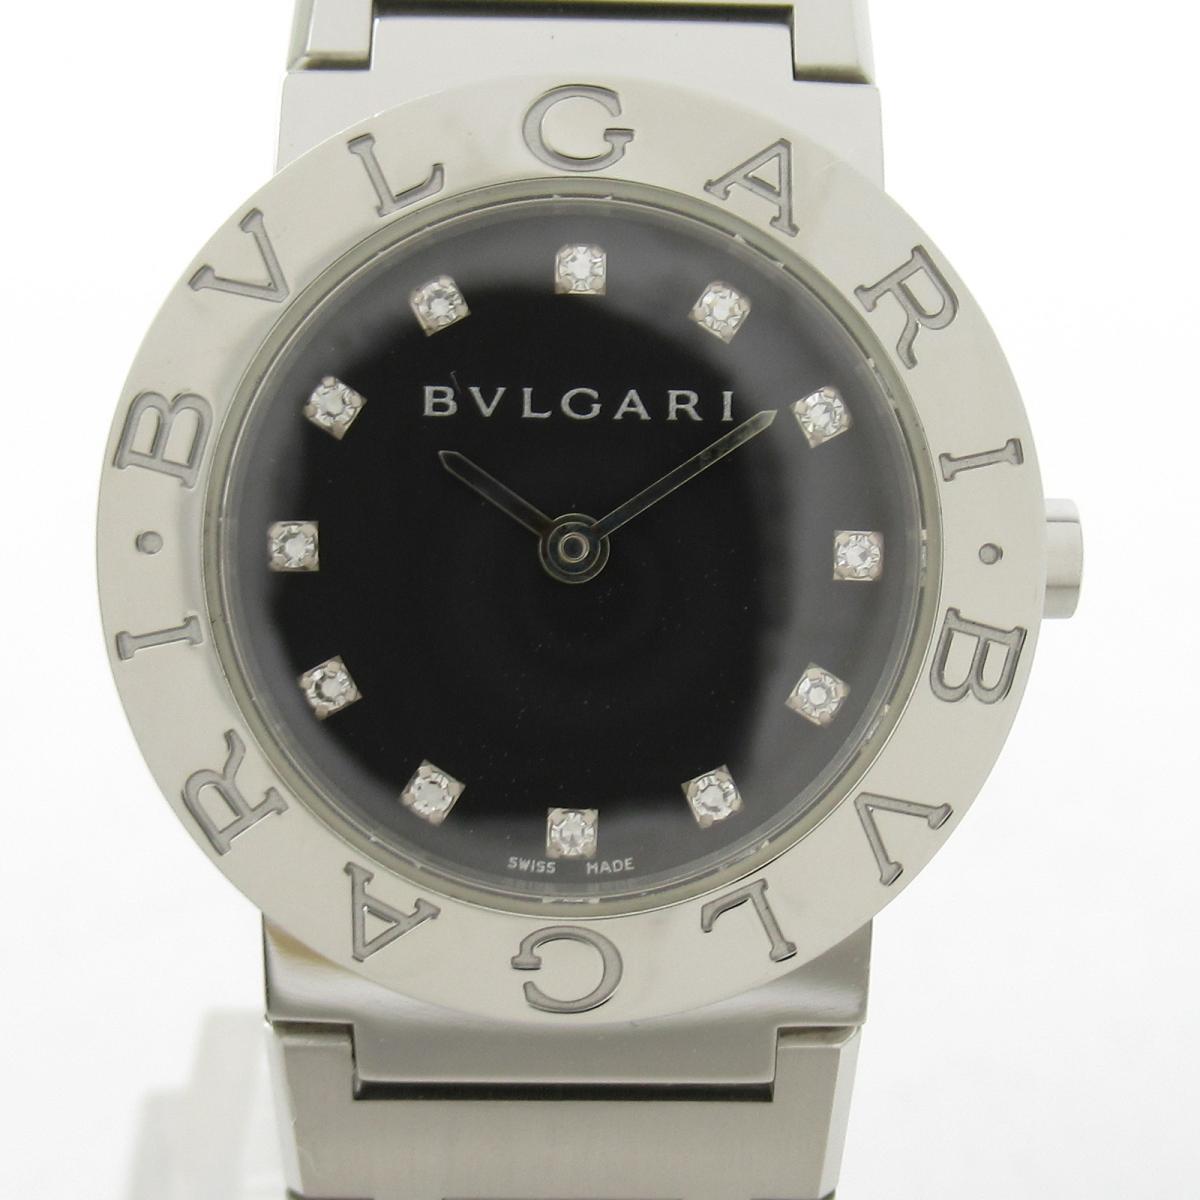 【中古】 ブルガリ ウォッチ 腕時計 レディース ステンレススチール'(SS) x ダイヤモンド (BB26SS)   BVLGARI BRANDOFF ブランドオフ ブランド ブランド時計 ブランド腕時計 時計